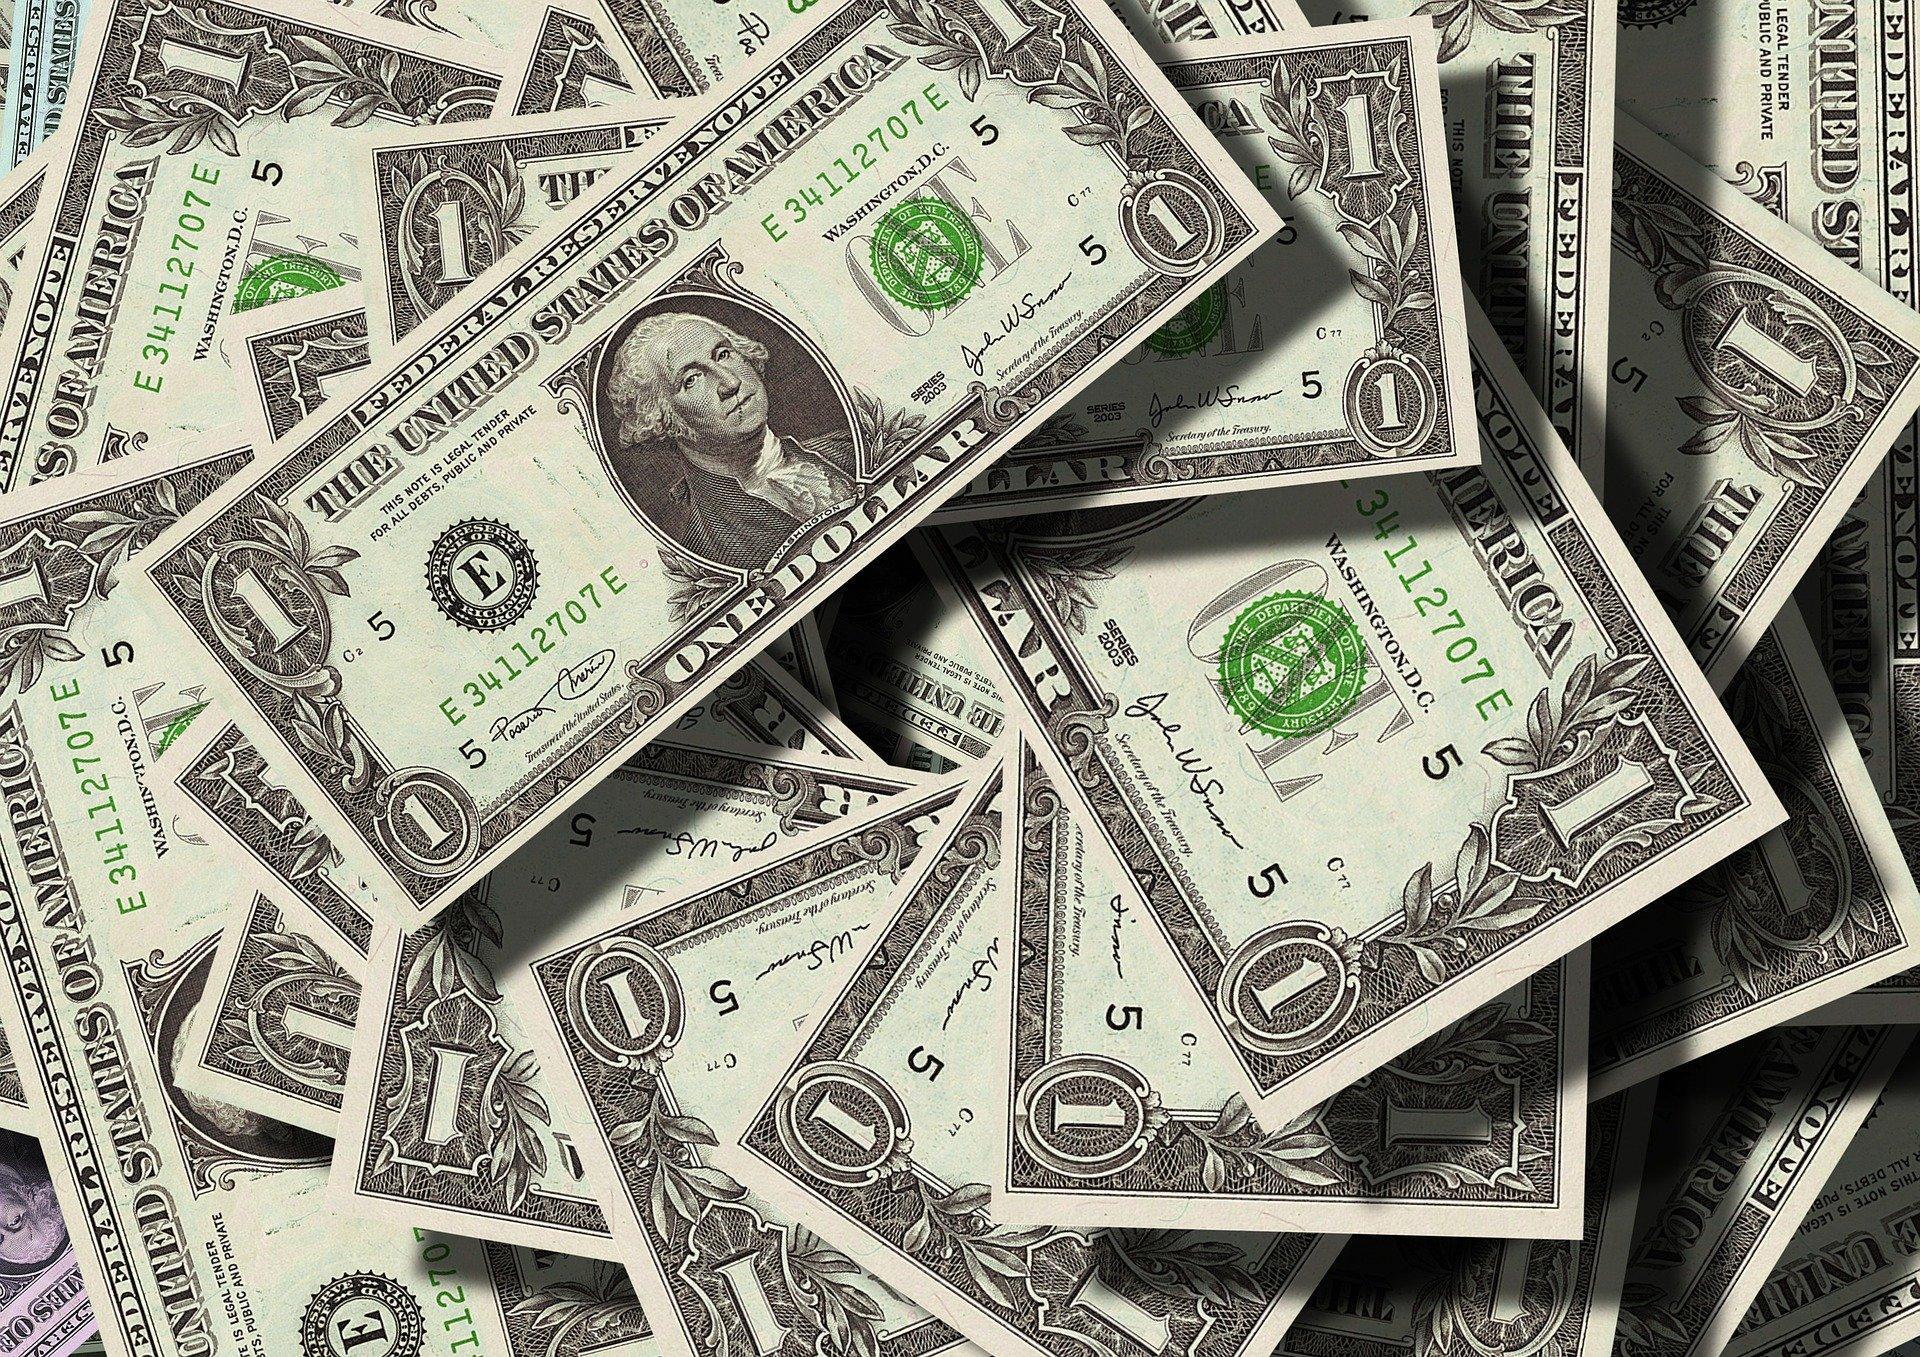 Экс-депутат Рады предложил потребовать у НАТО $200 млрд